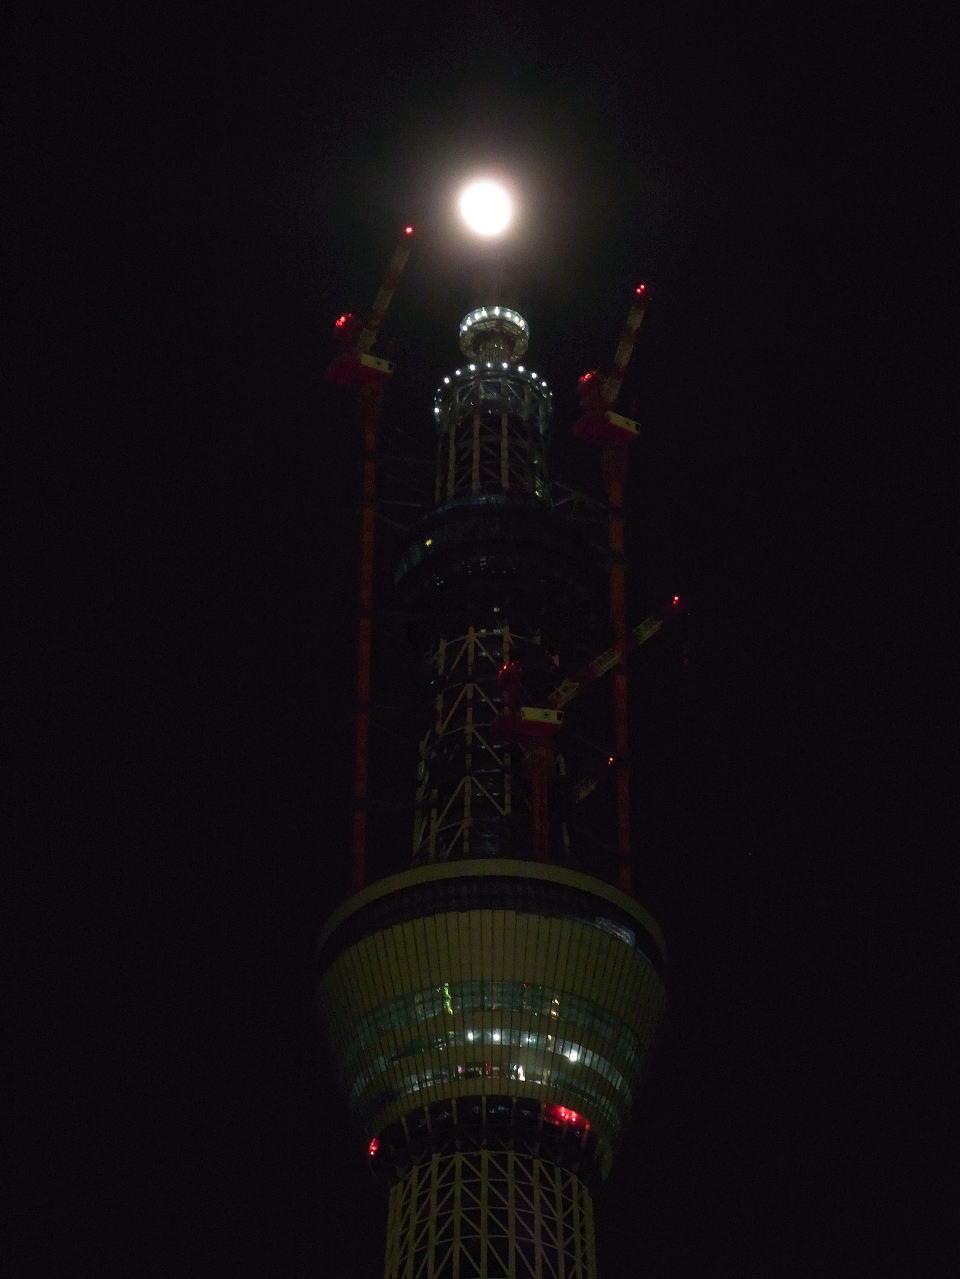 タワーの頂部制振装置上に達した月